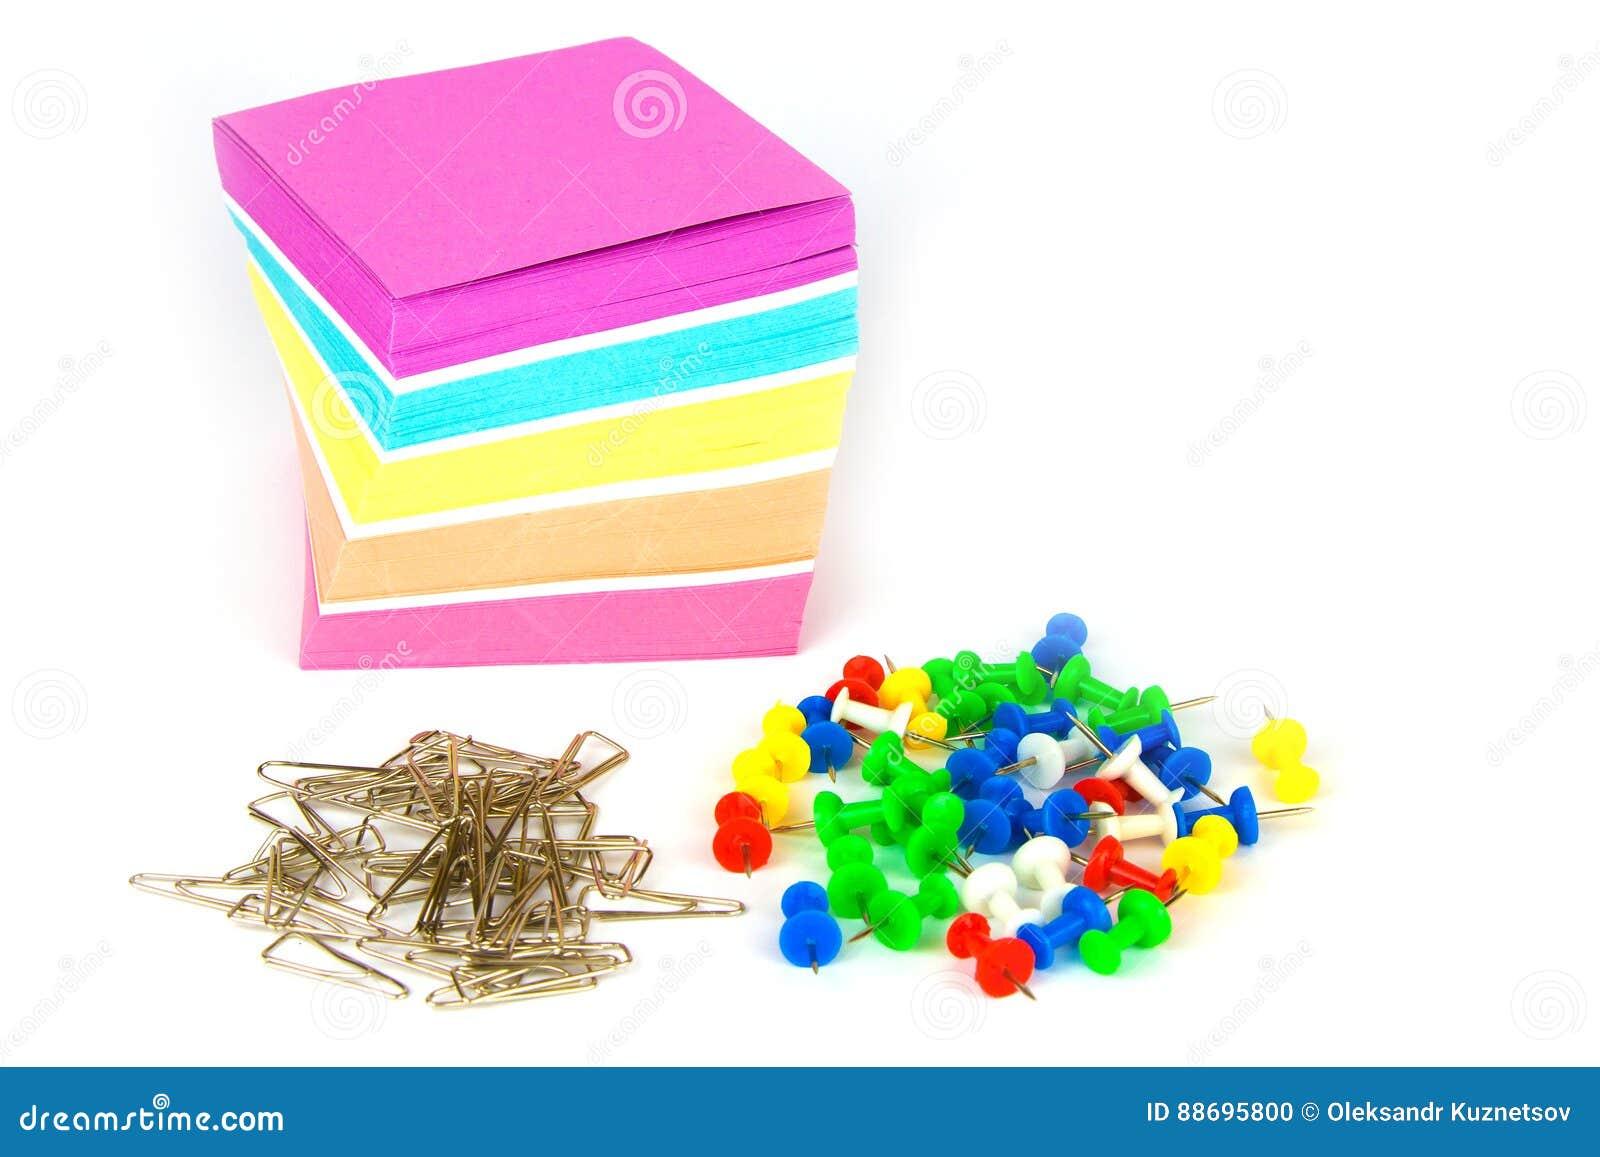 Kolorowy nutowy papier, szpilki i rozsypisko metal klamerki odizolowywać na białym tle,